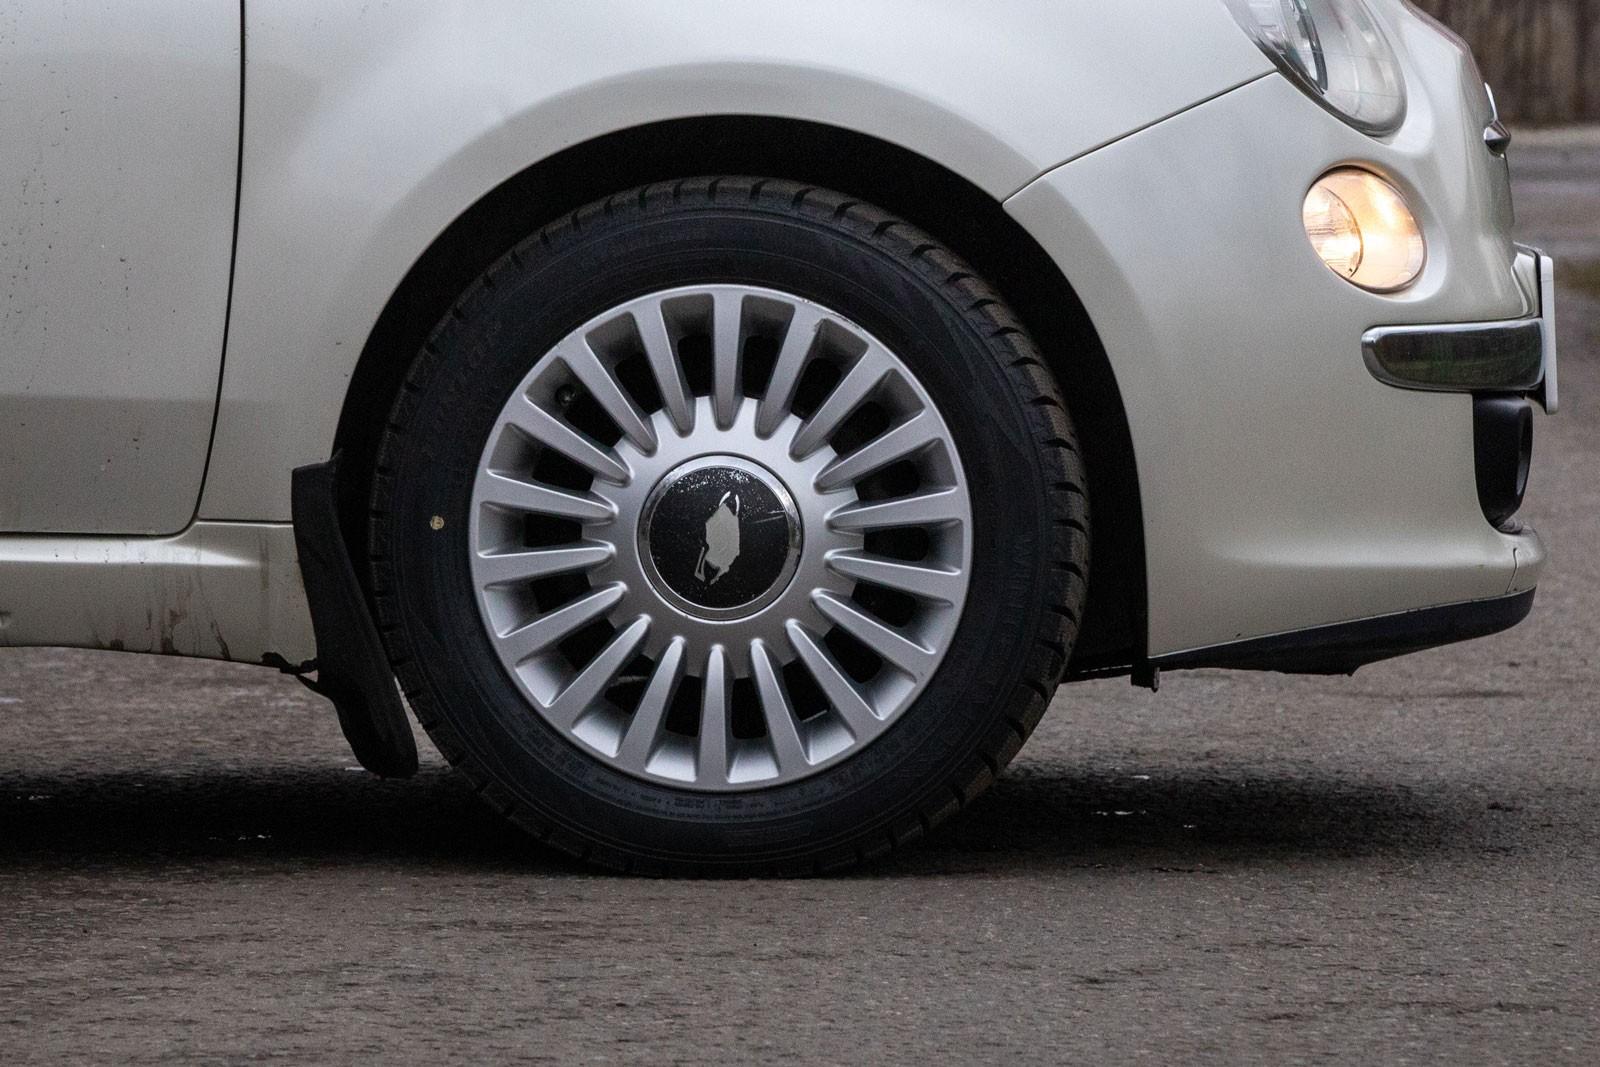 Fiat 500 c пробегом: идеальные атмосферники и 1001 проблема робота